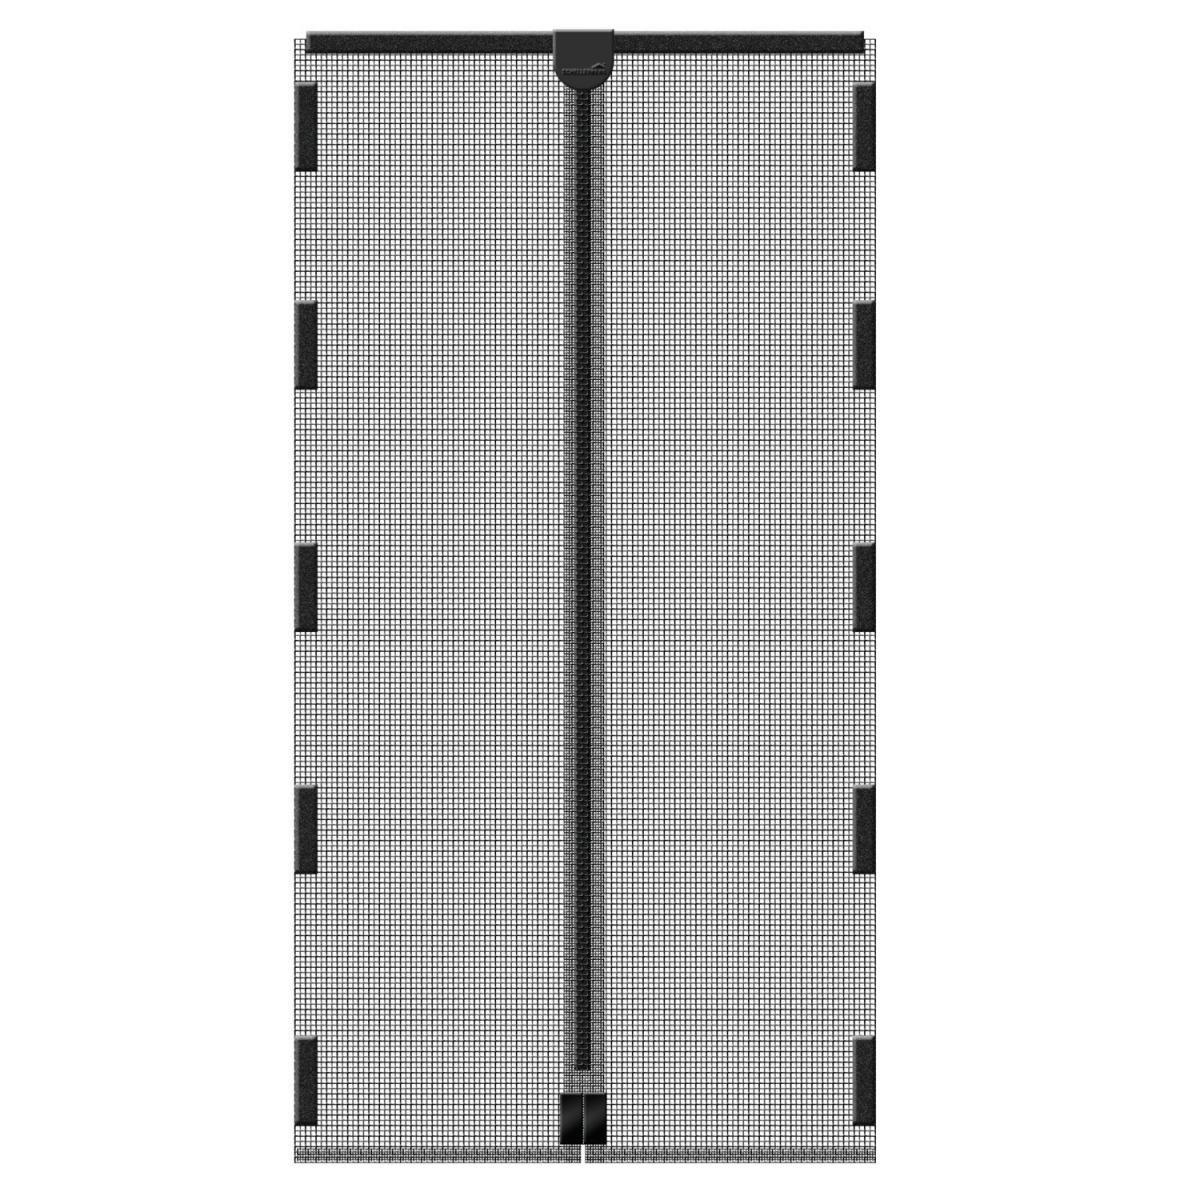 Full Size of Schellenberg Insektenschutz Magnetvorhang 120x140 Cm Fliegengitter Fenster Maßanfertigung Magnettafel Küche Für Wohnzimmer Fliegengitter Magnet